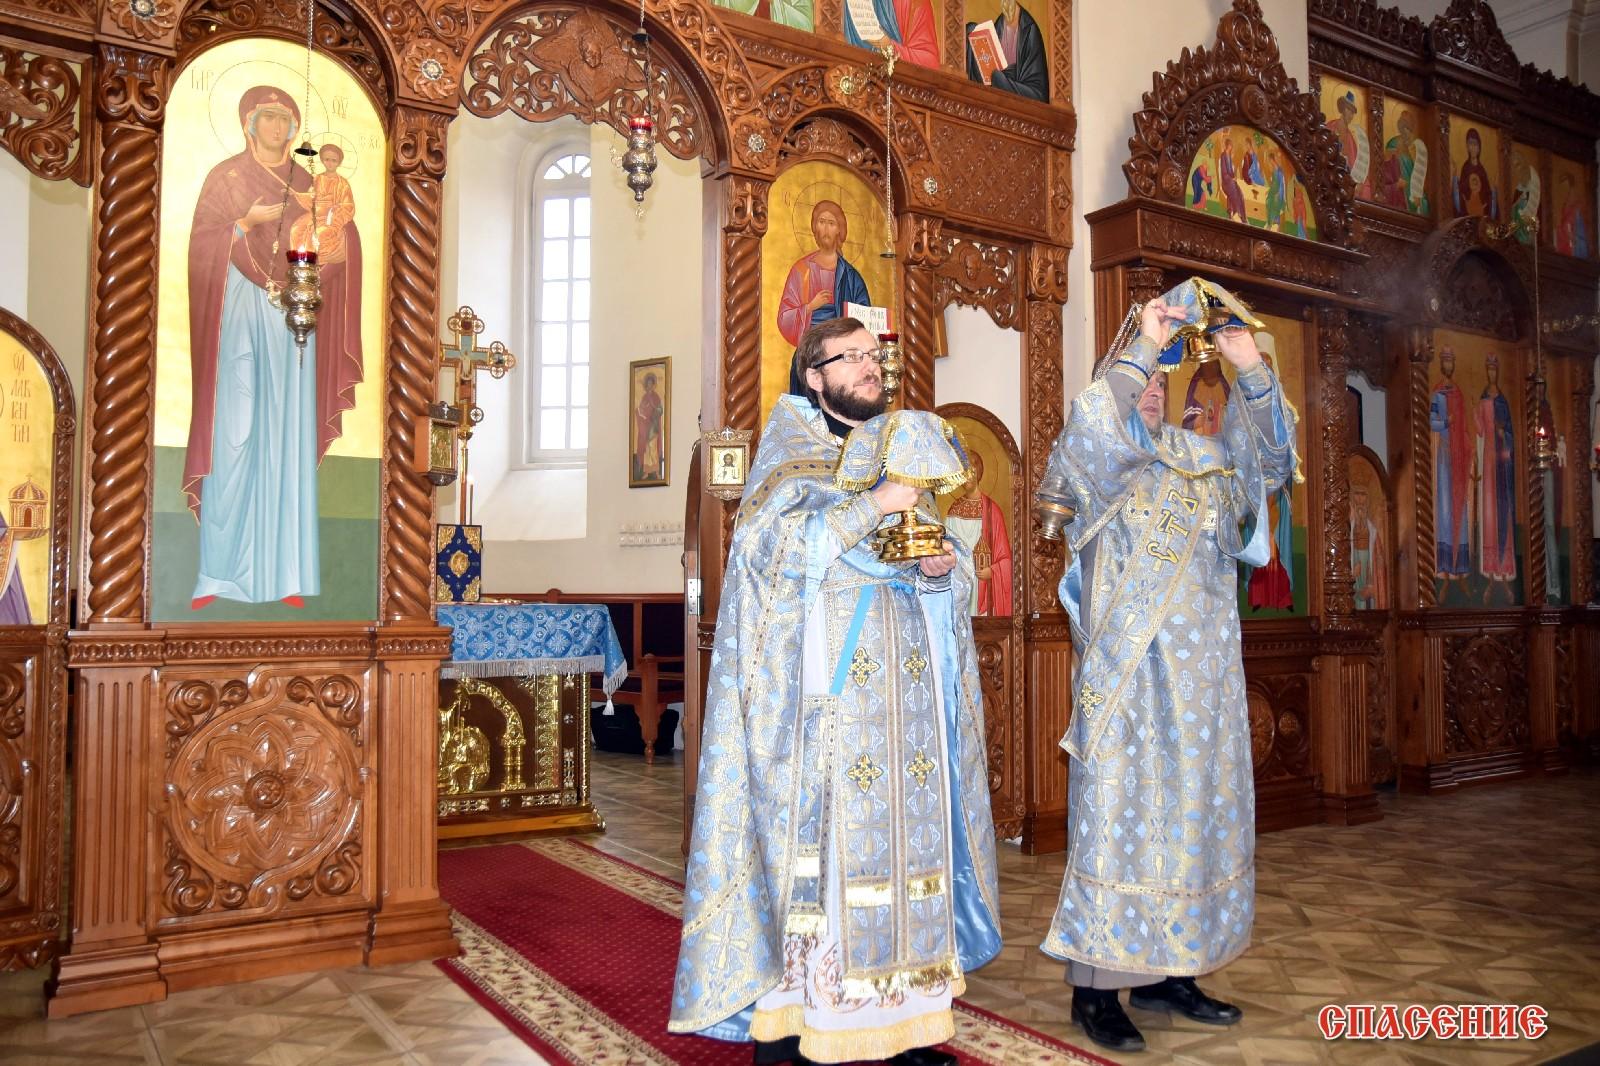 В день празднования Казанской иконы Божией Матери в Борисовском Воскресенском кафедральном соборе была совершена детская Божественная литургия